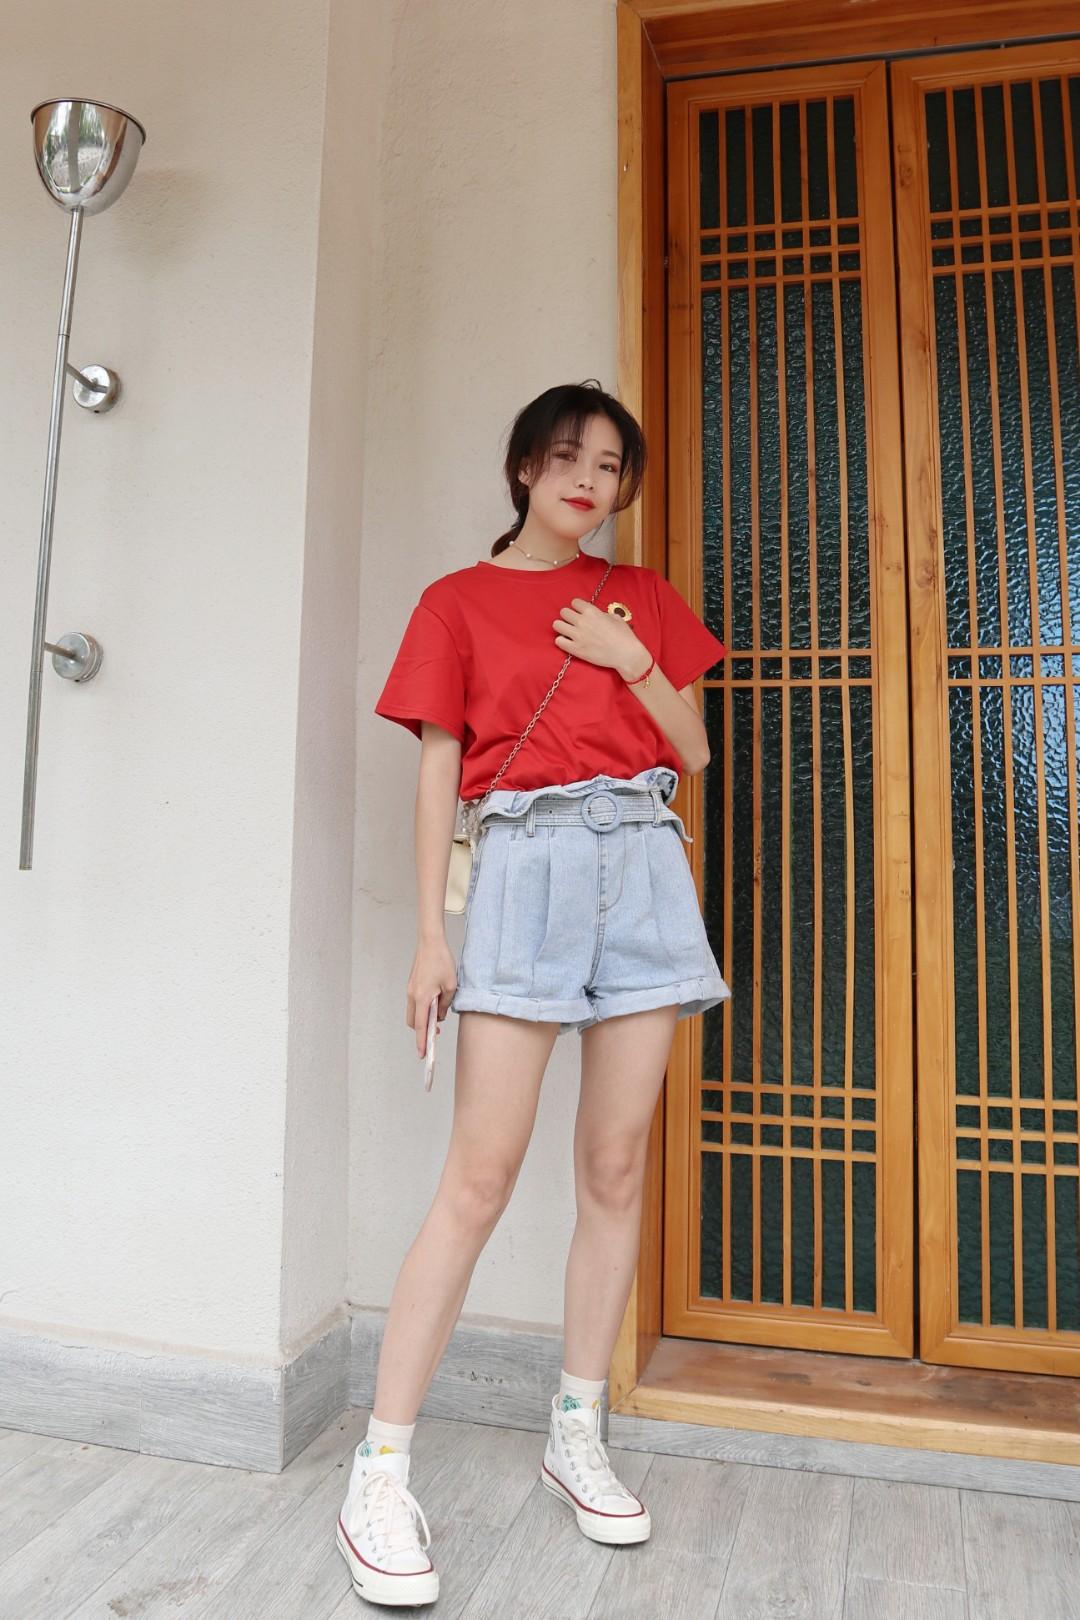 面料非常柔软的一款T恤 上身感觉顺滑又舒服 向日葵是刺绣 很有质感 T恤廓形精致小巧 下装简单搭配短裤就好  #夏装最后一波,我带你盘!#